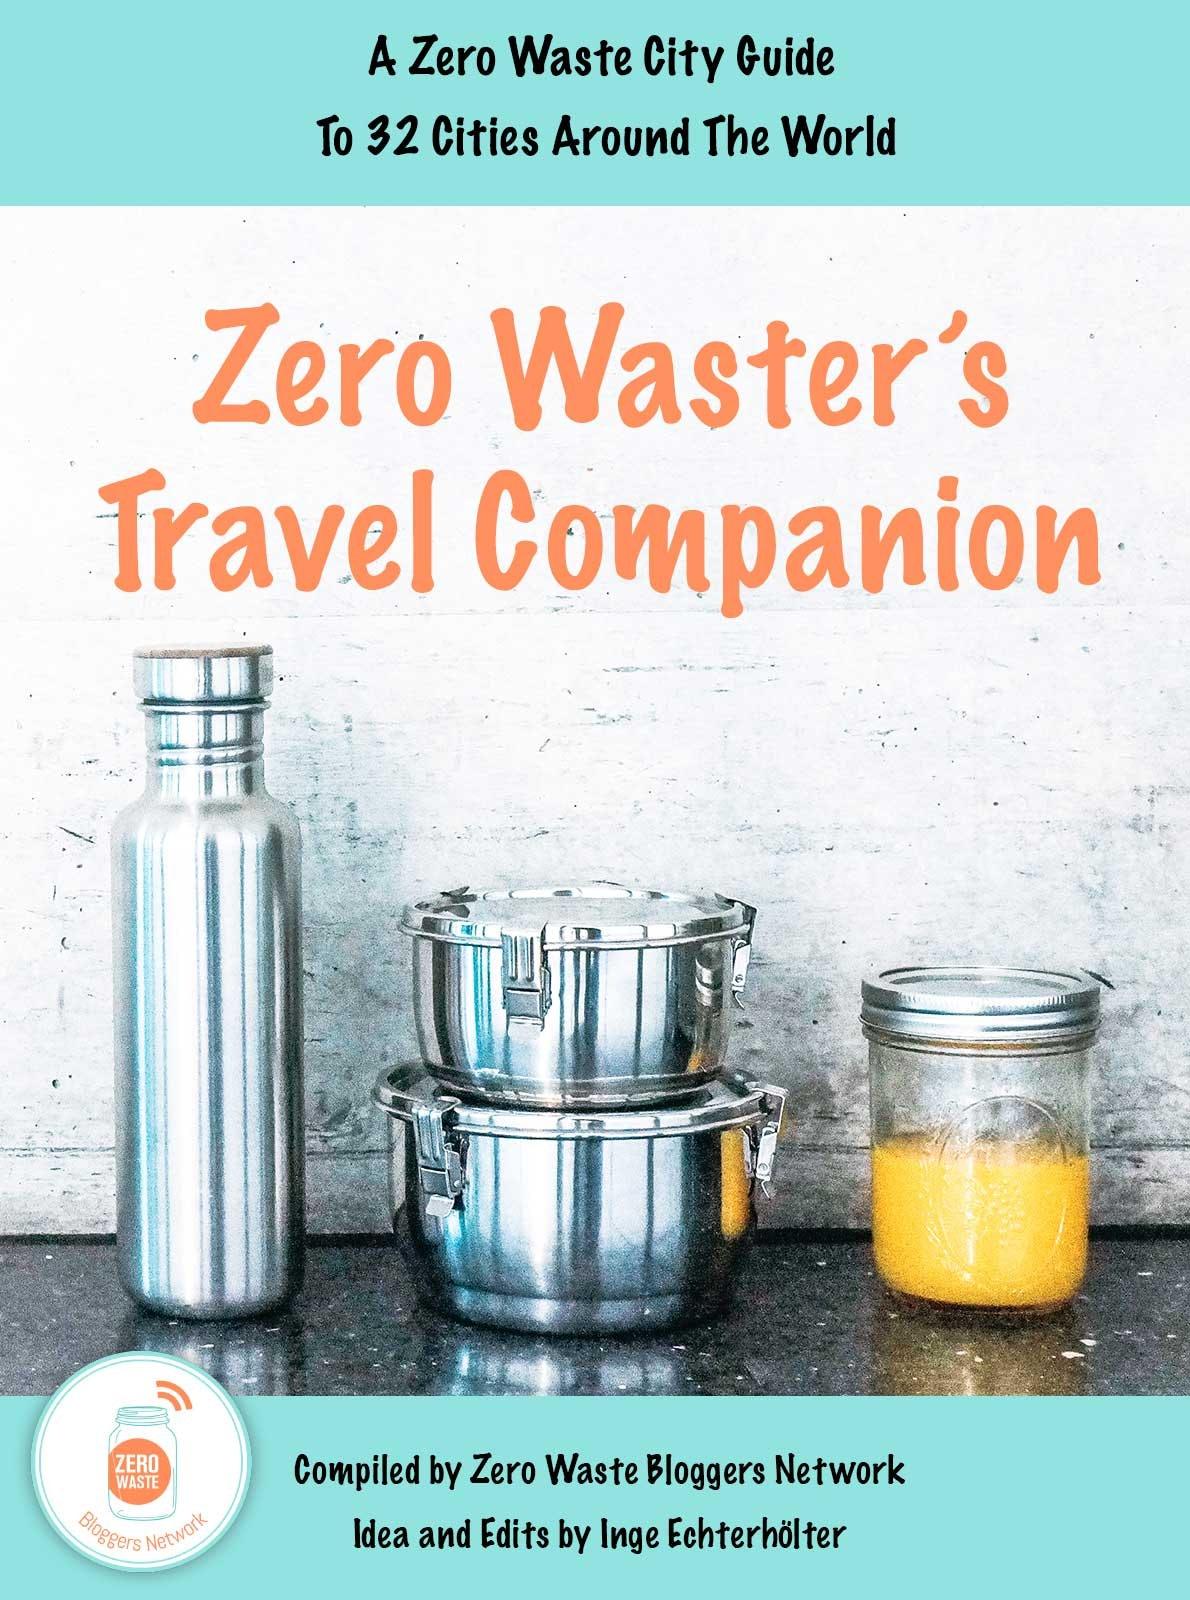 The Zero Waster's Travel Companion